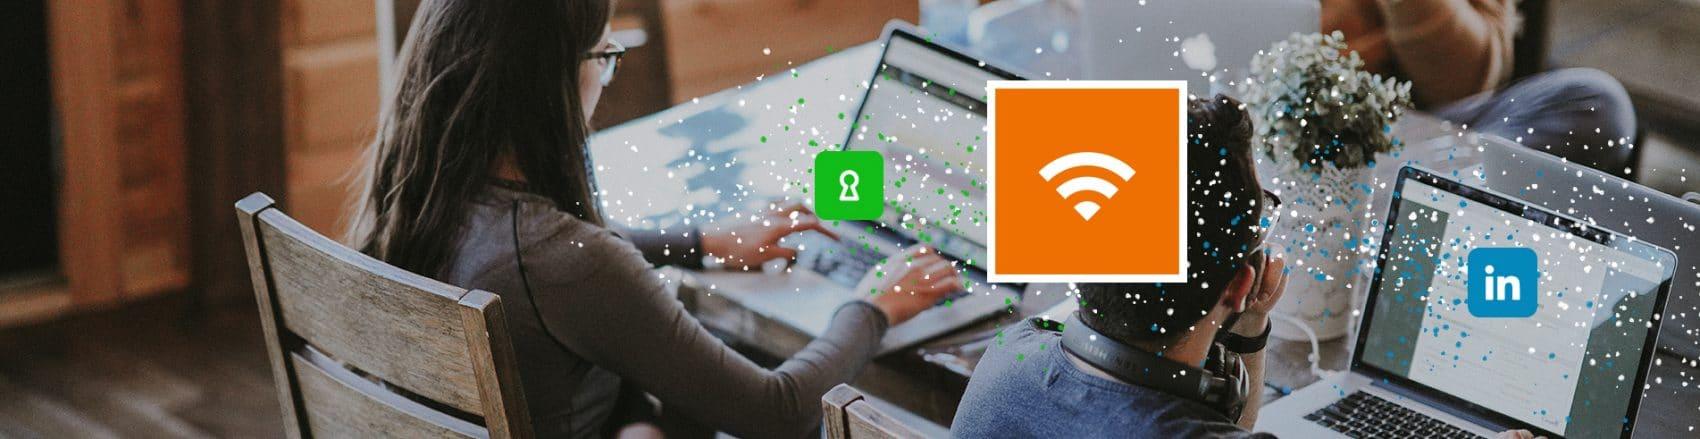 Wi-Fi Entreprises : un portail sécurisé et d'engagement